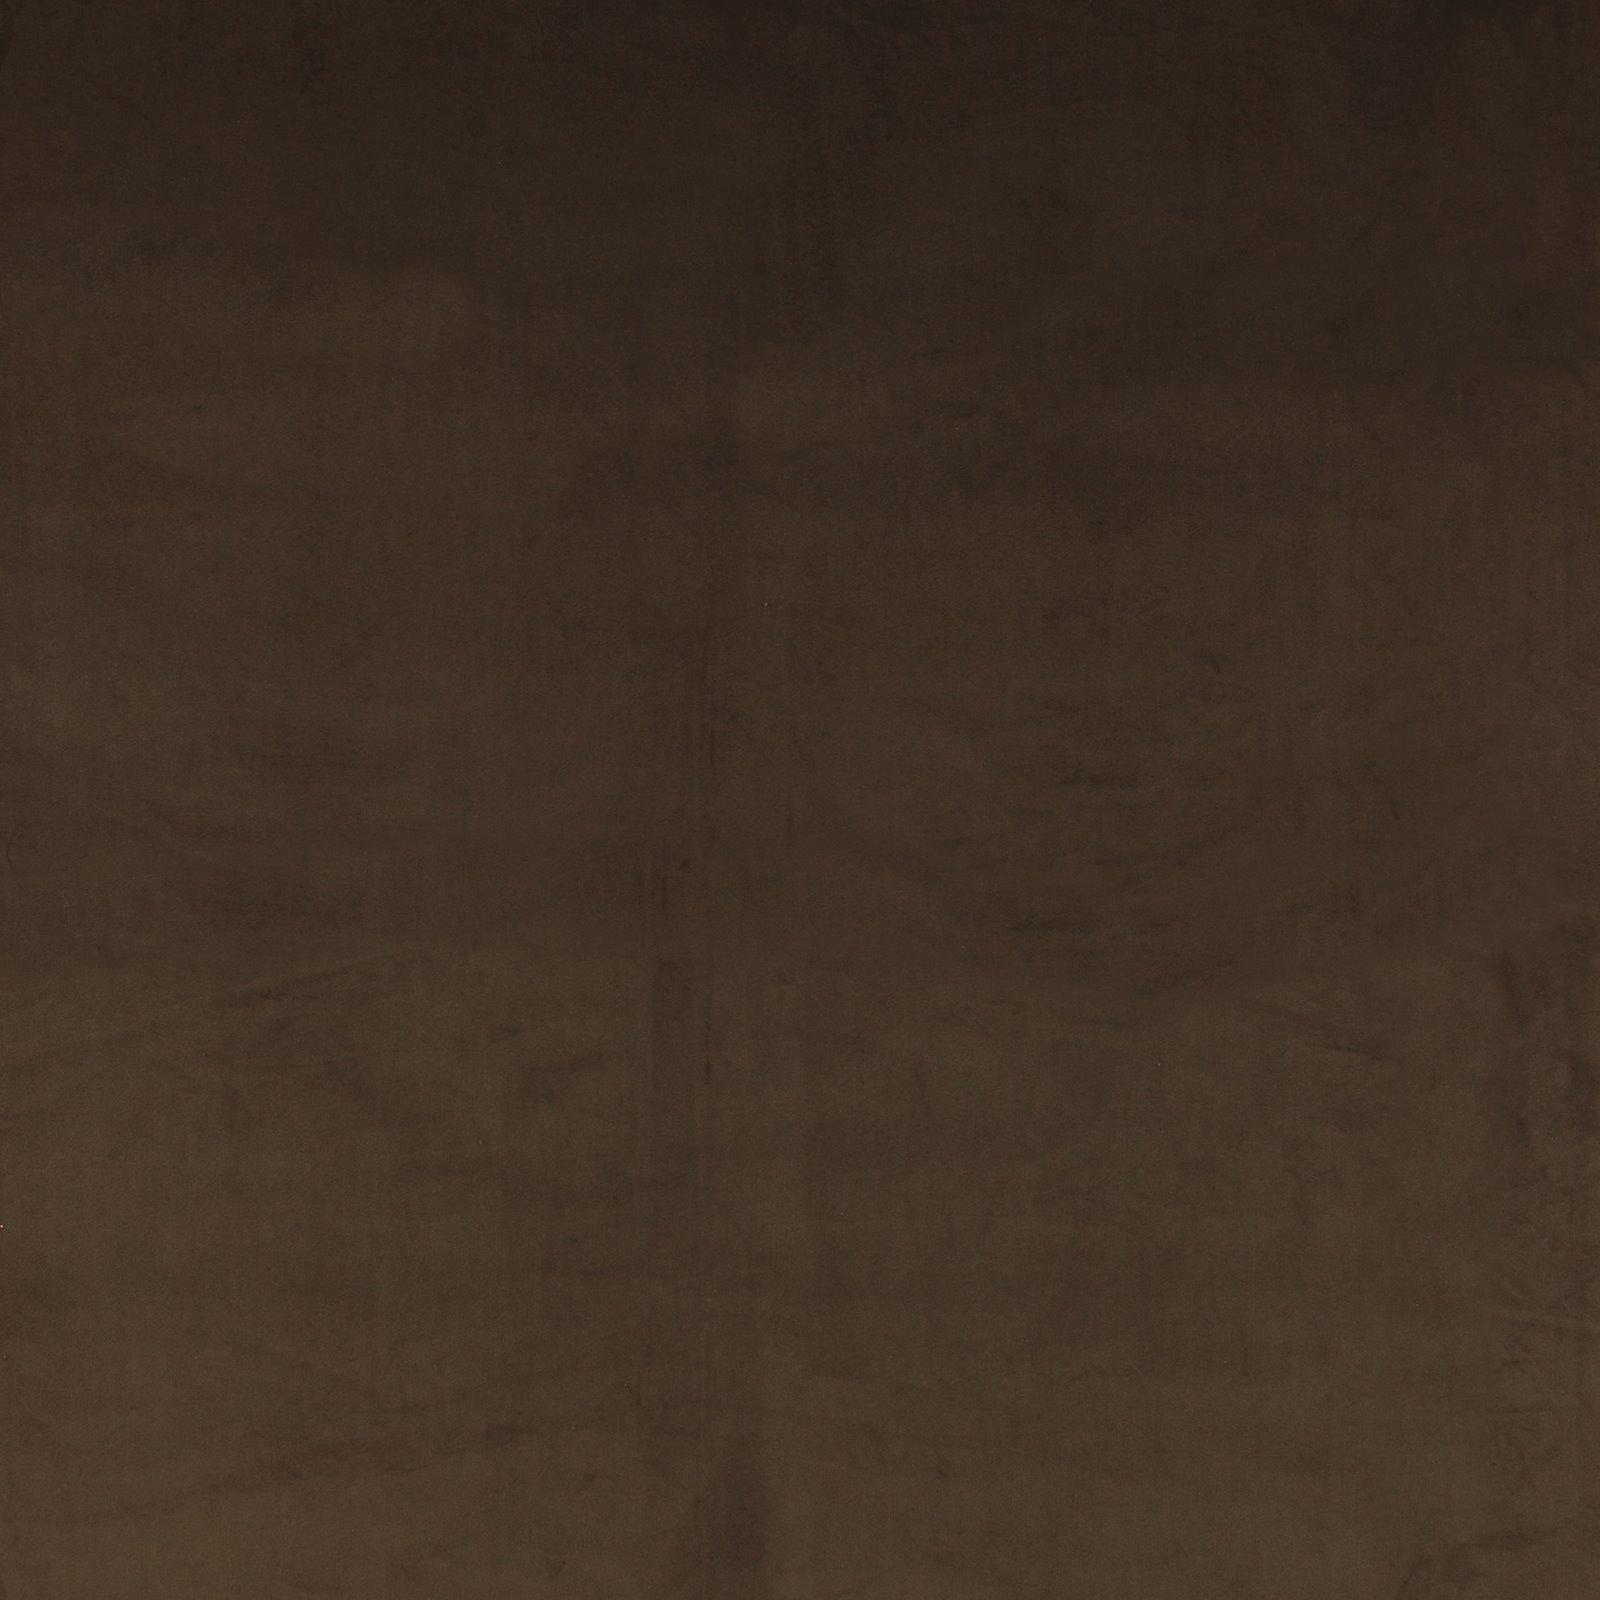 Upholstery shiny velvet mole 823694_pack_solid